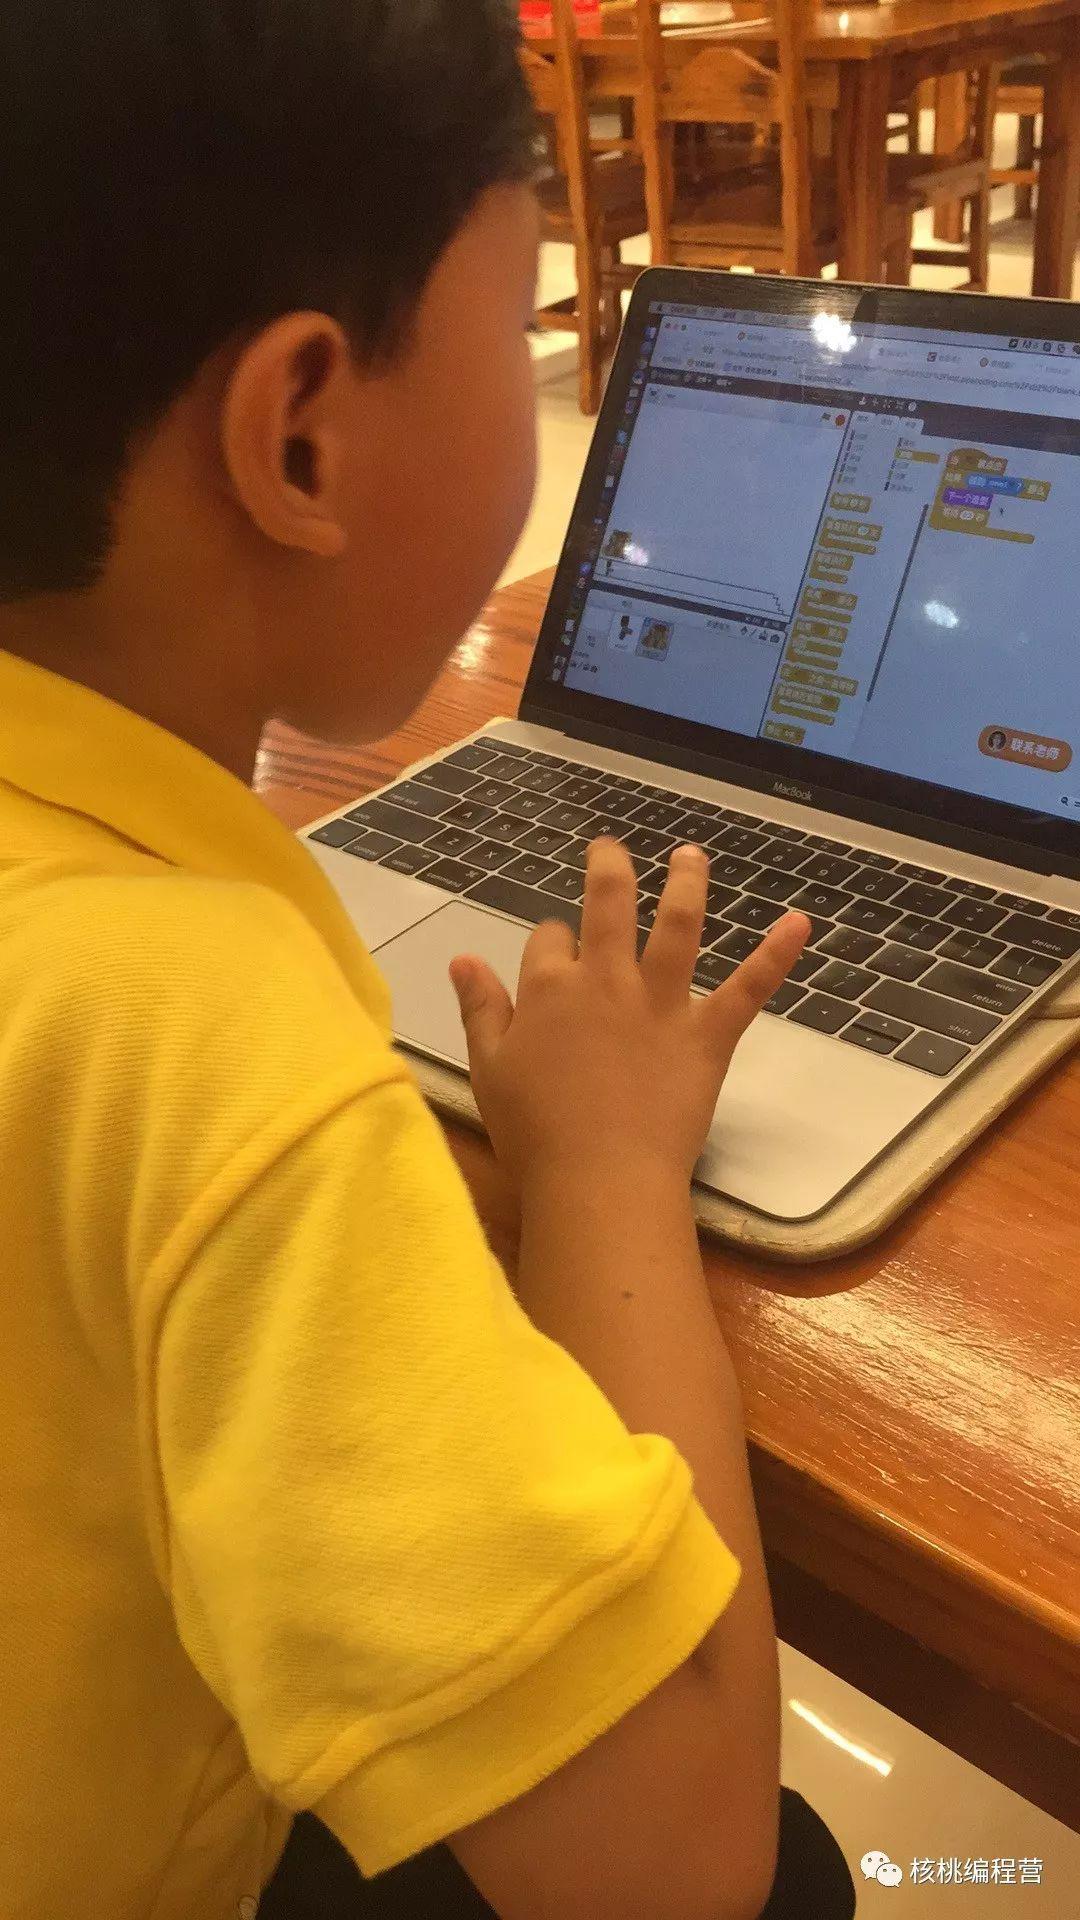 来稿 | 6岁娃痴迷编程,父母要怎样发现和引导孩子的潜能?